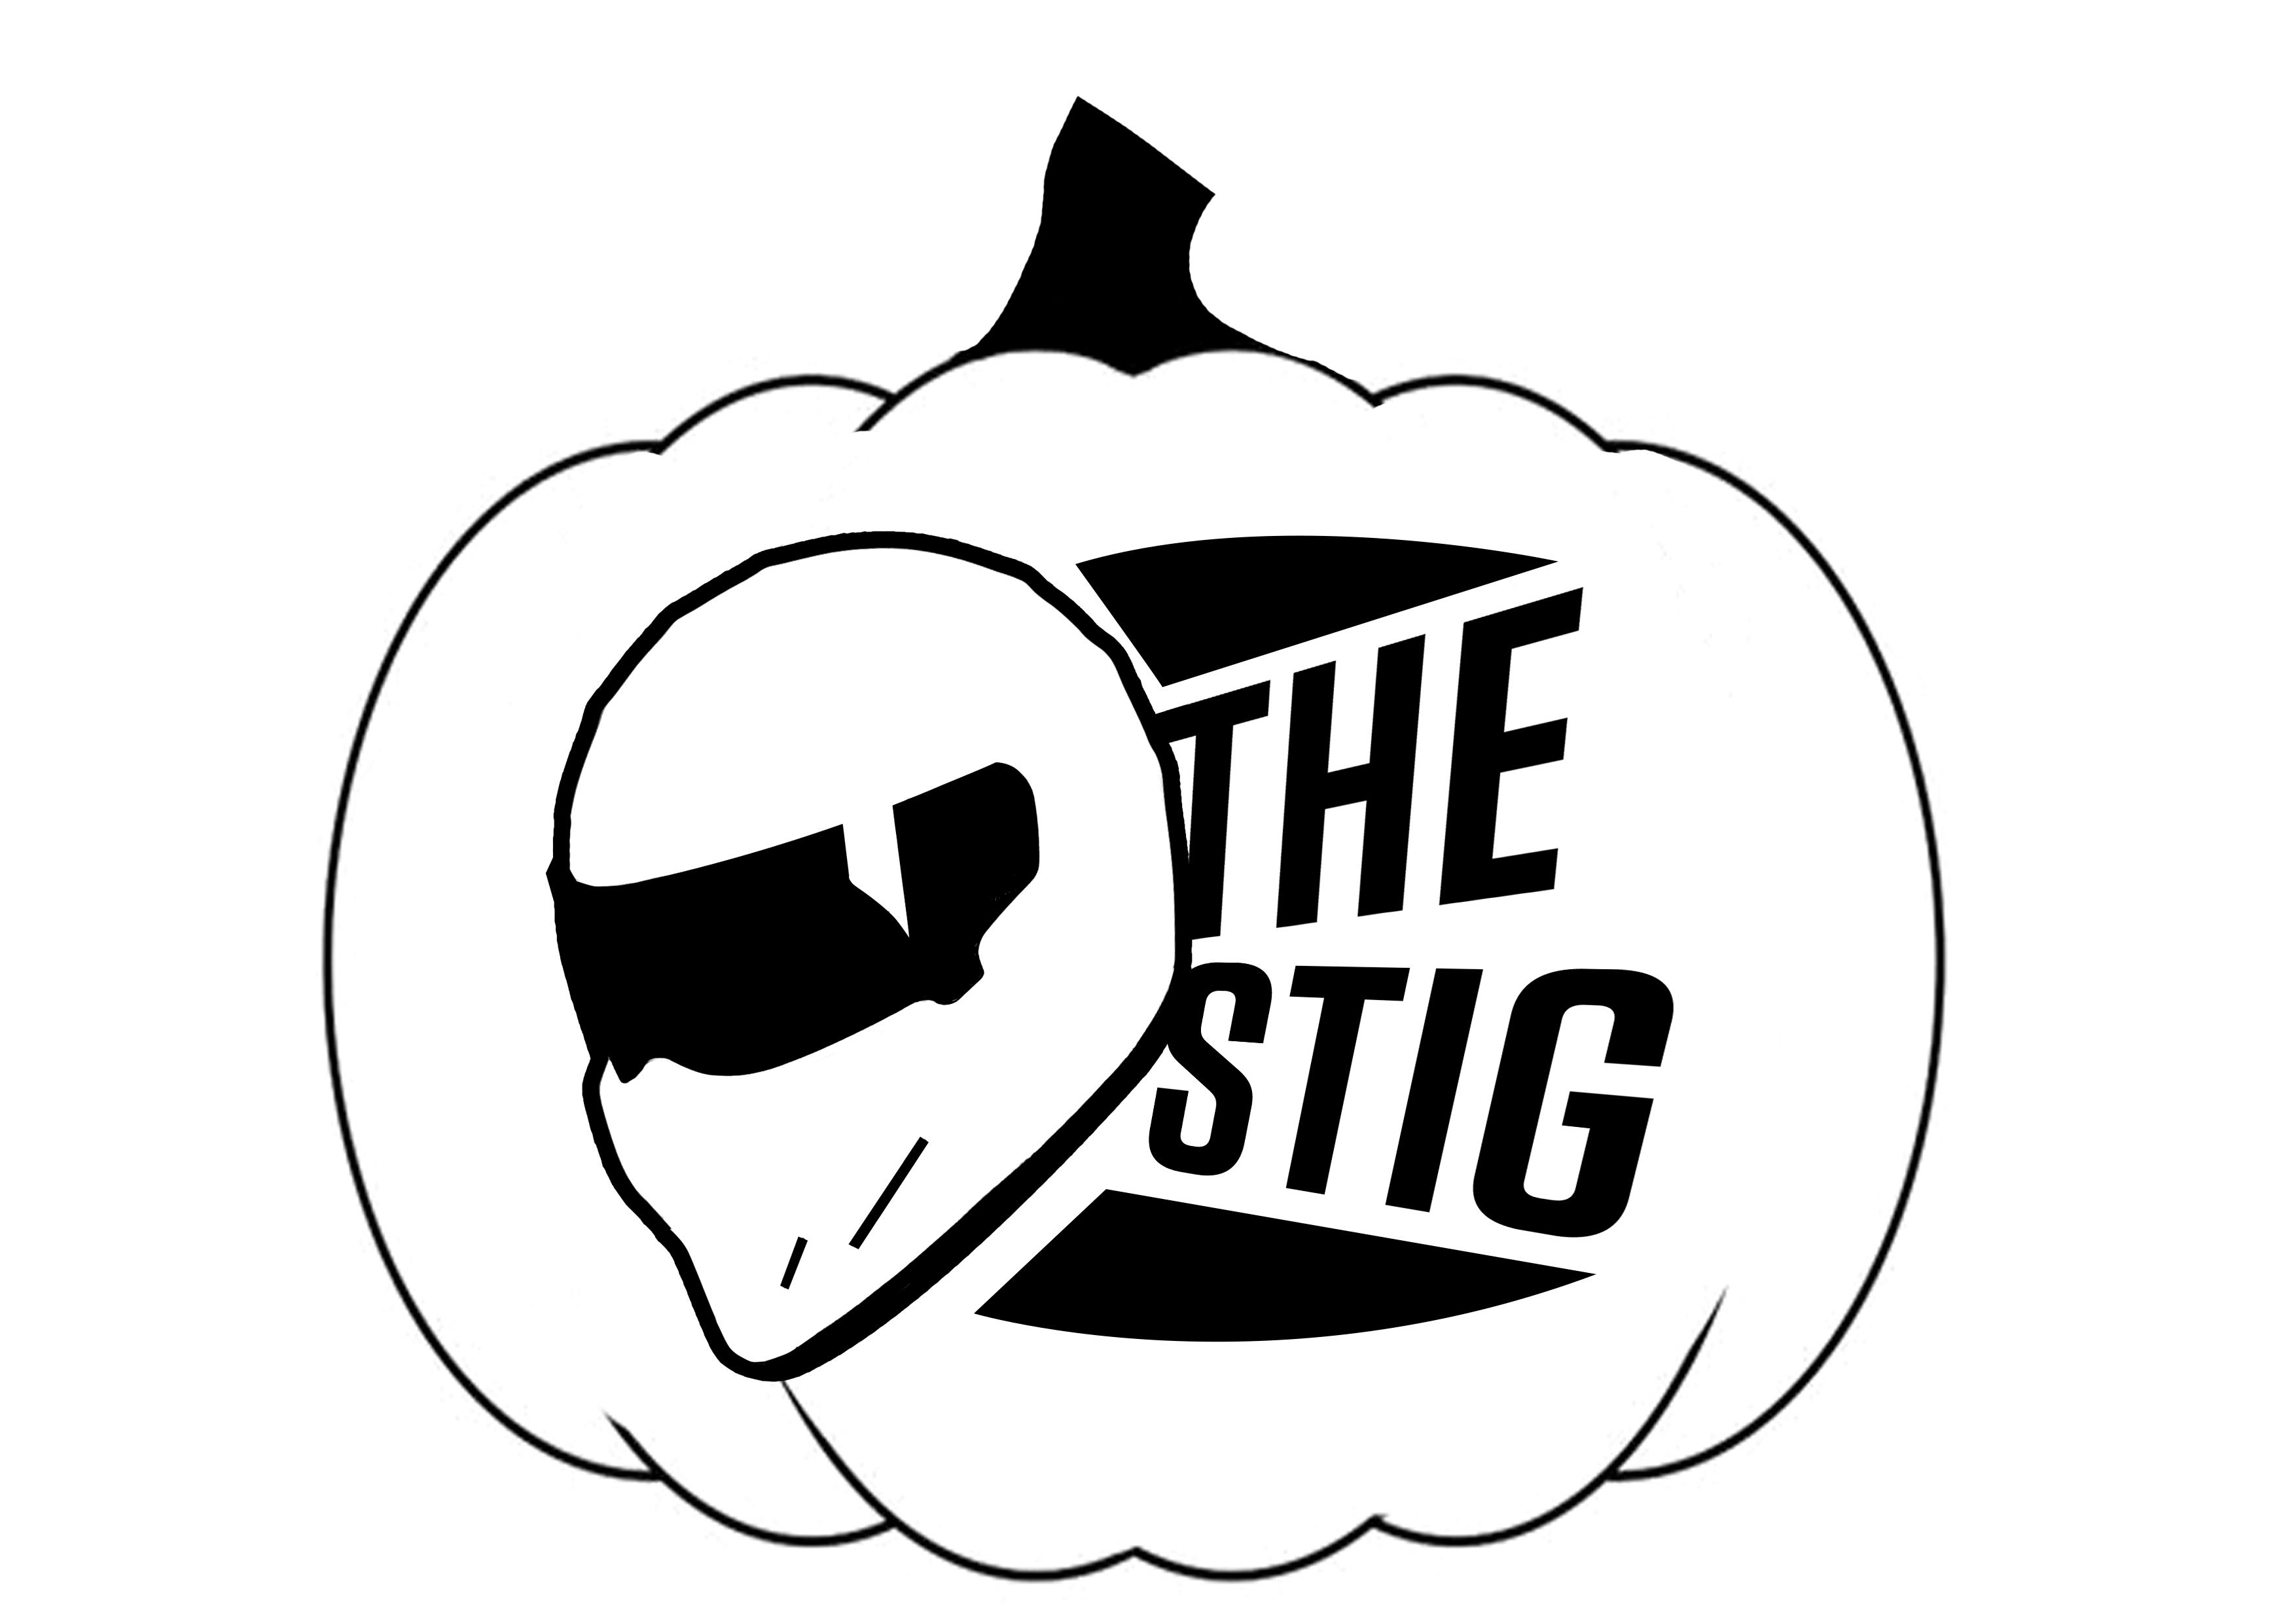 Download A Free Tg Pumpkin Stencil